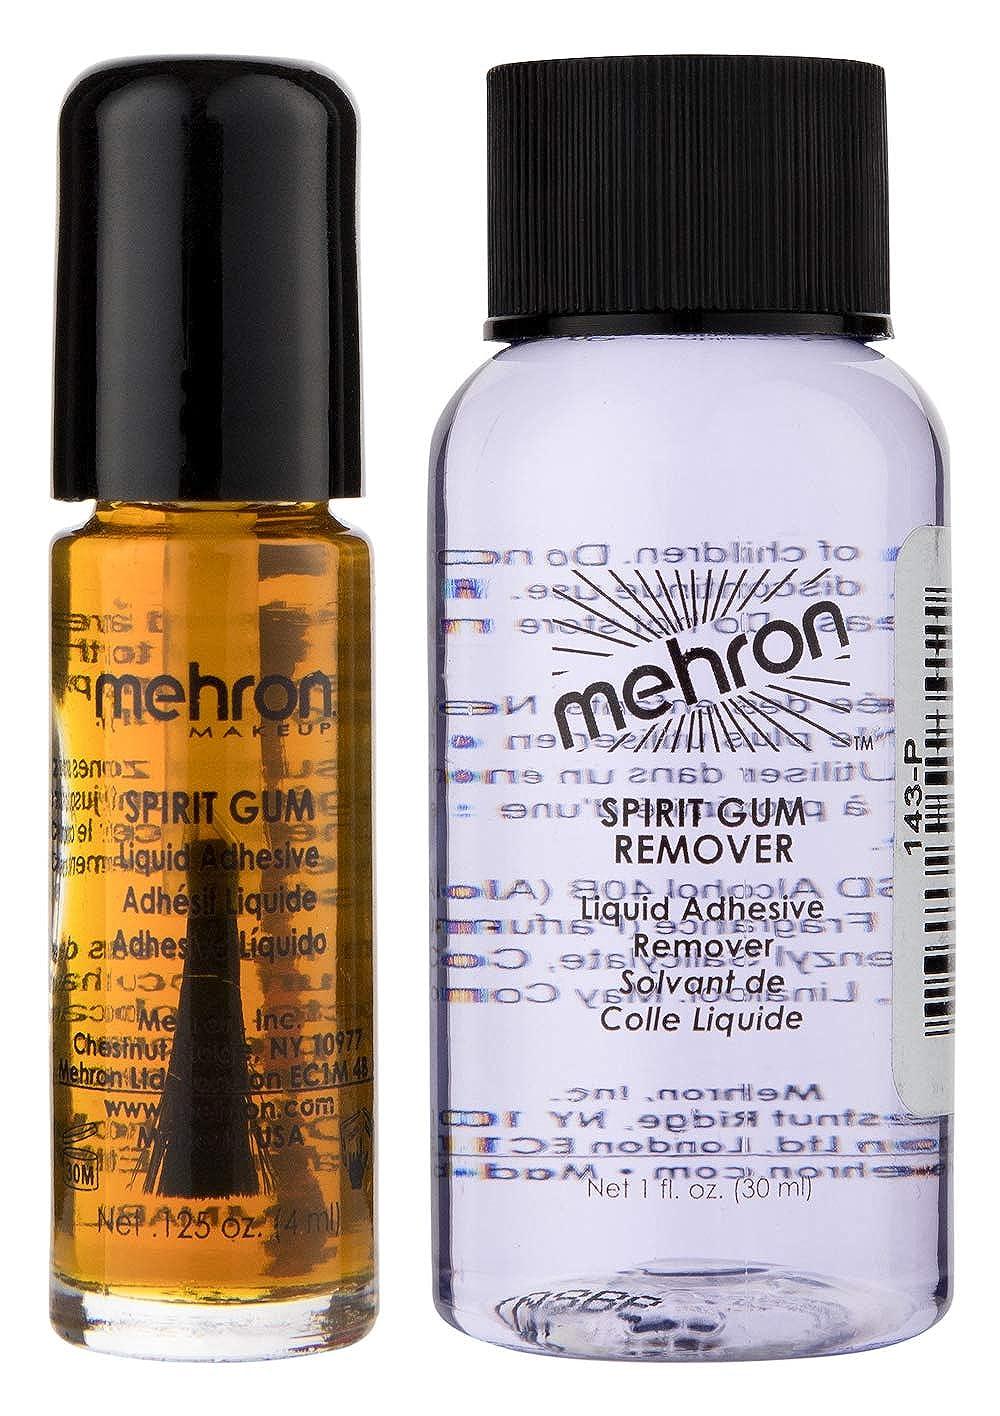 Mehron Spirit Gum with Remover